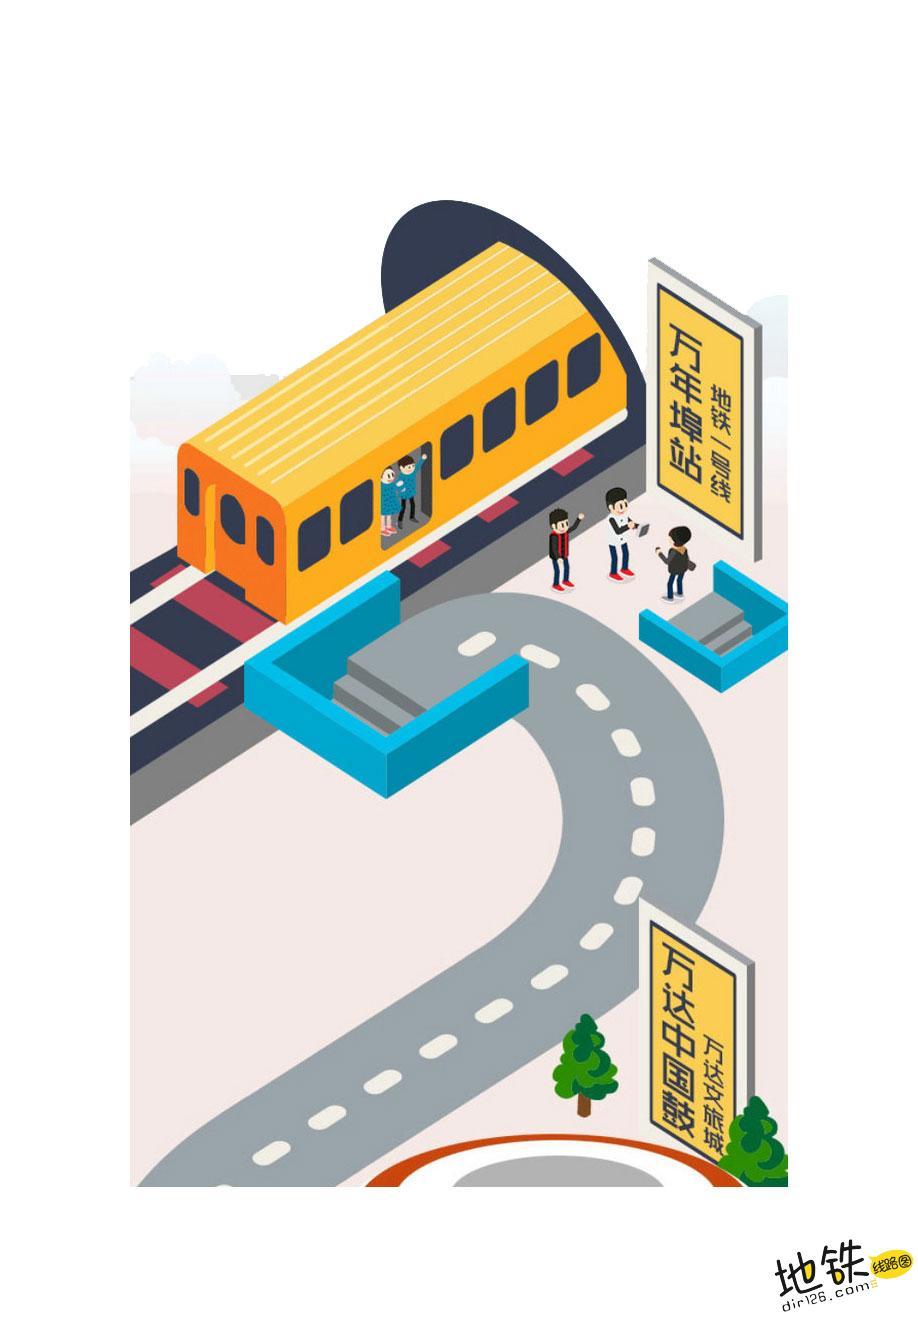 城市地铁轨道交通系统规划与设计的主要内容 设计 规划 线路 运营 列车 地铁 轨道知识  第3张